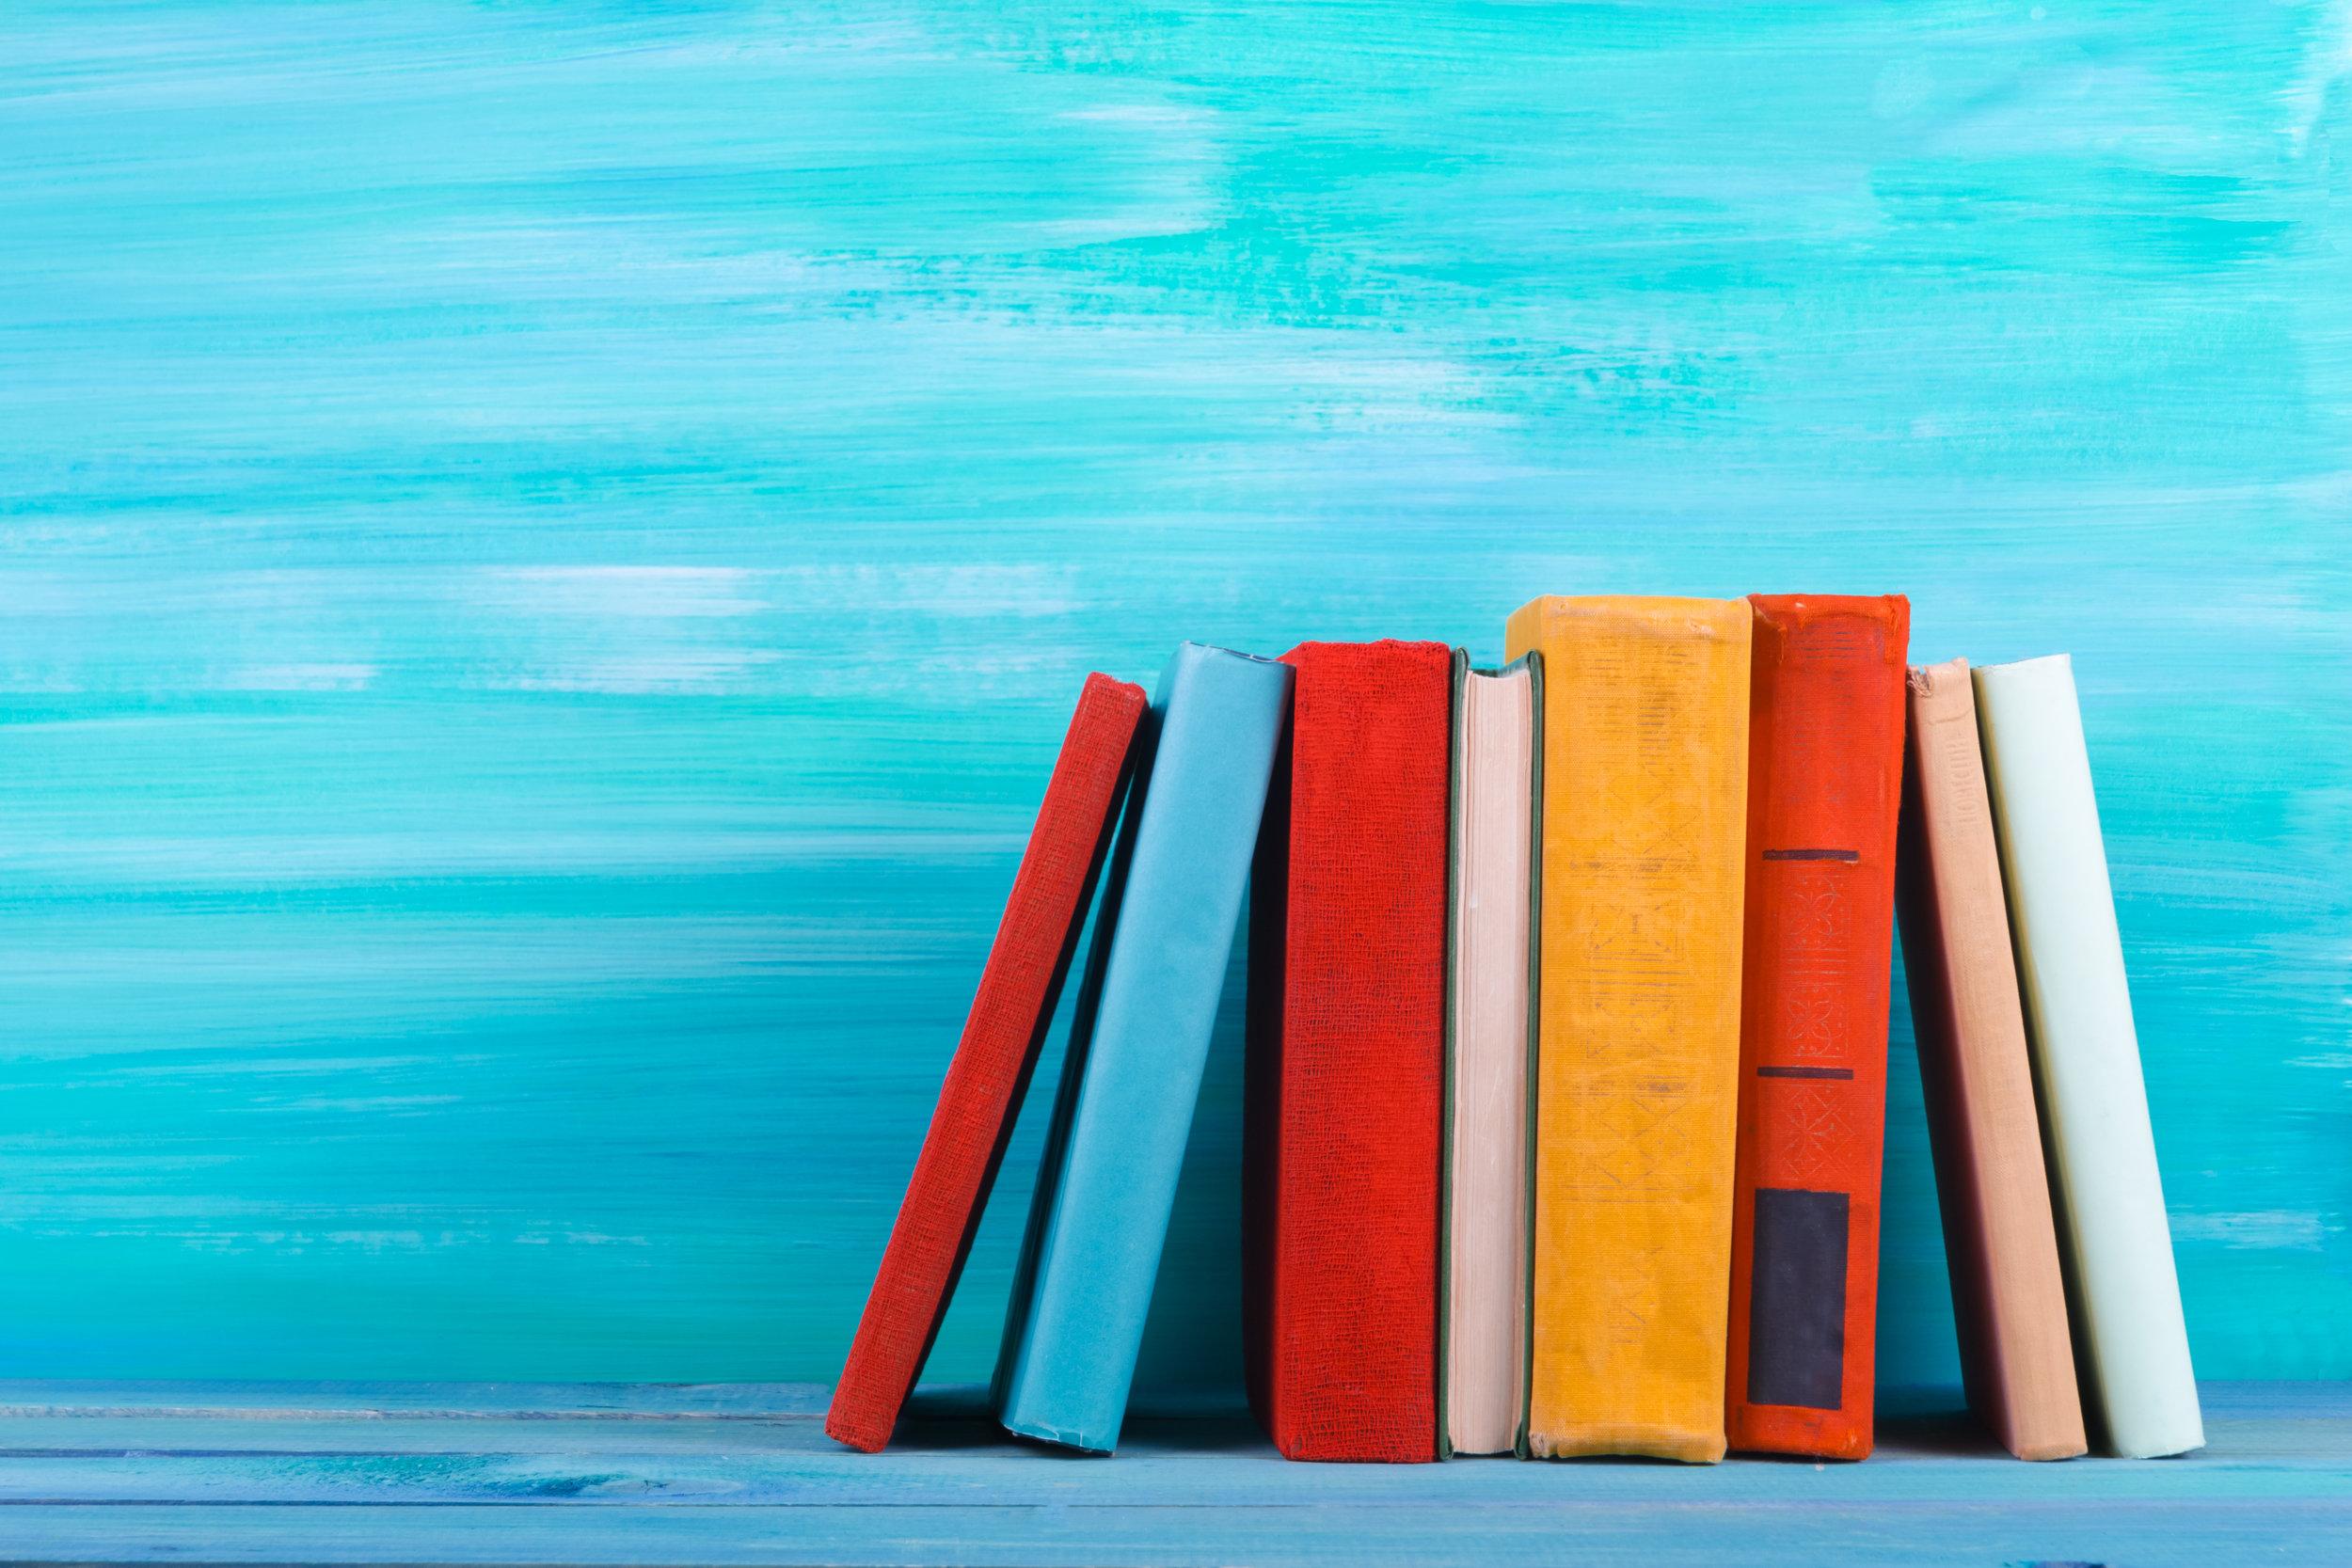 books on blue_shutterstock_356218724.jpg